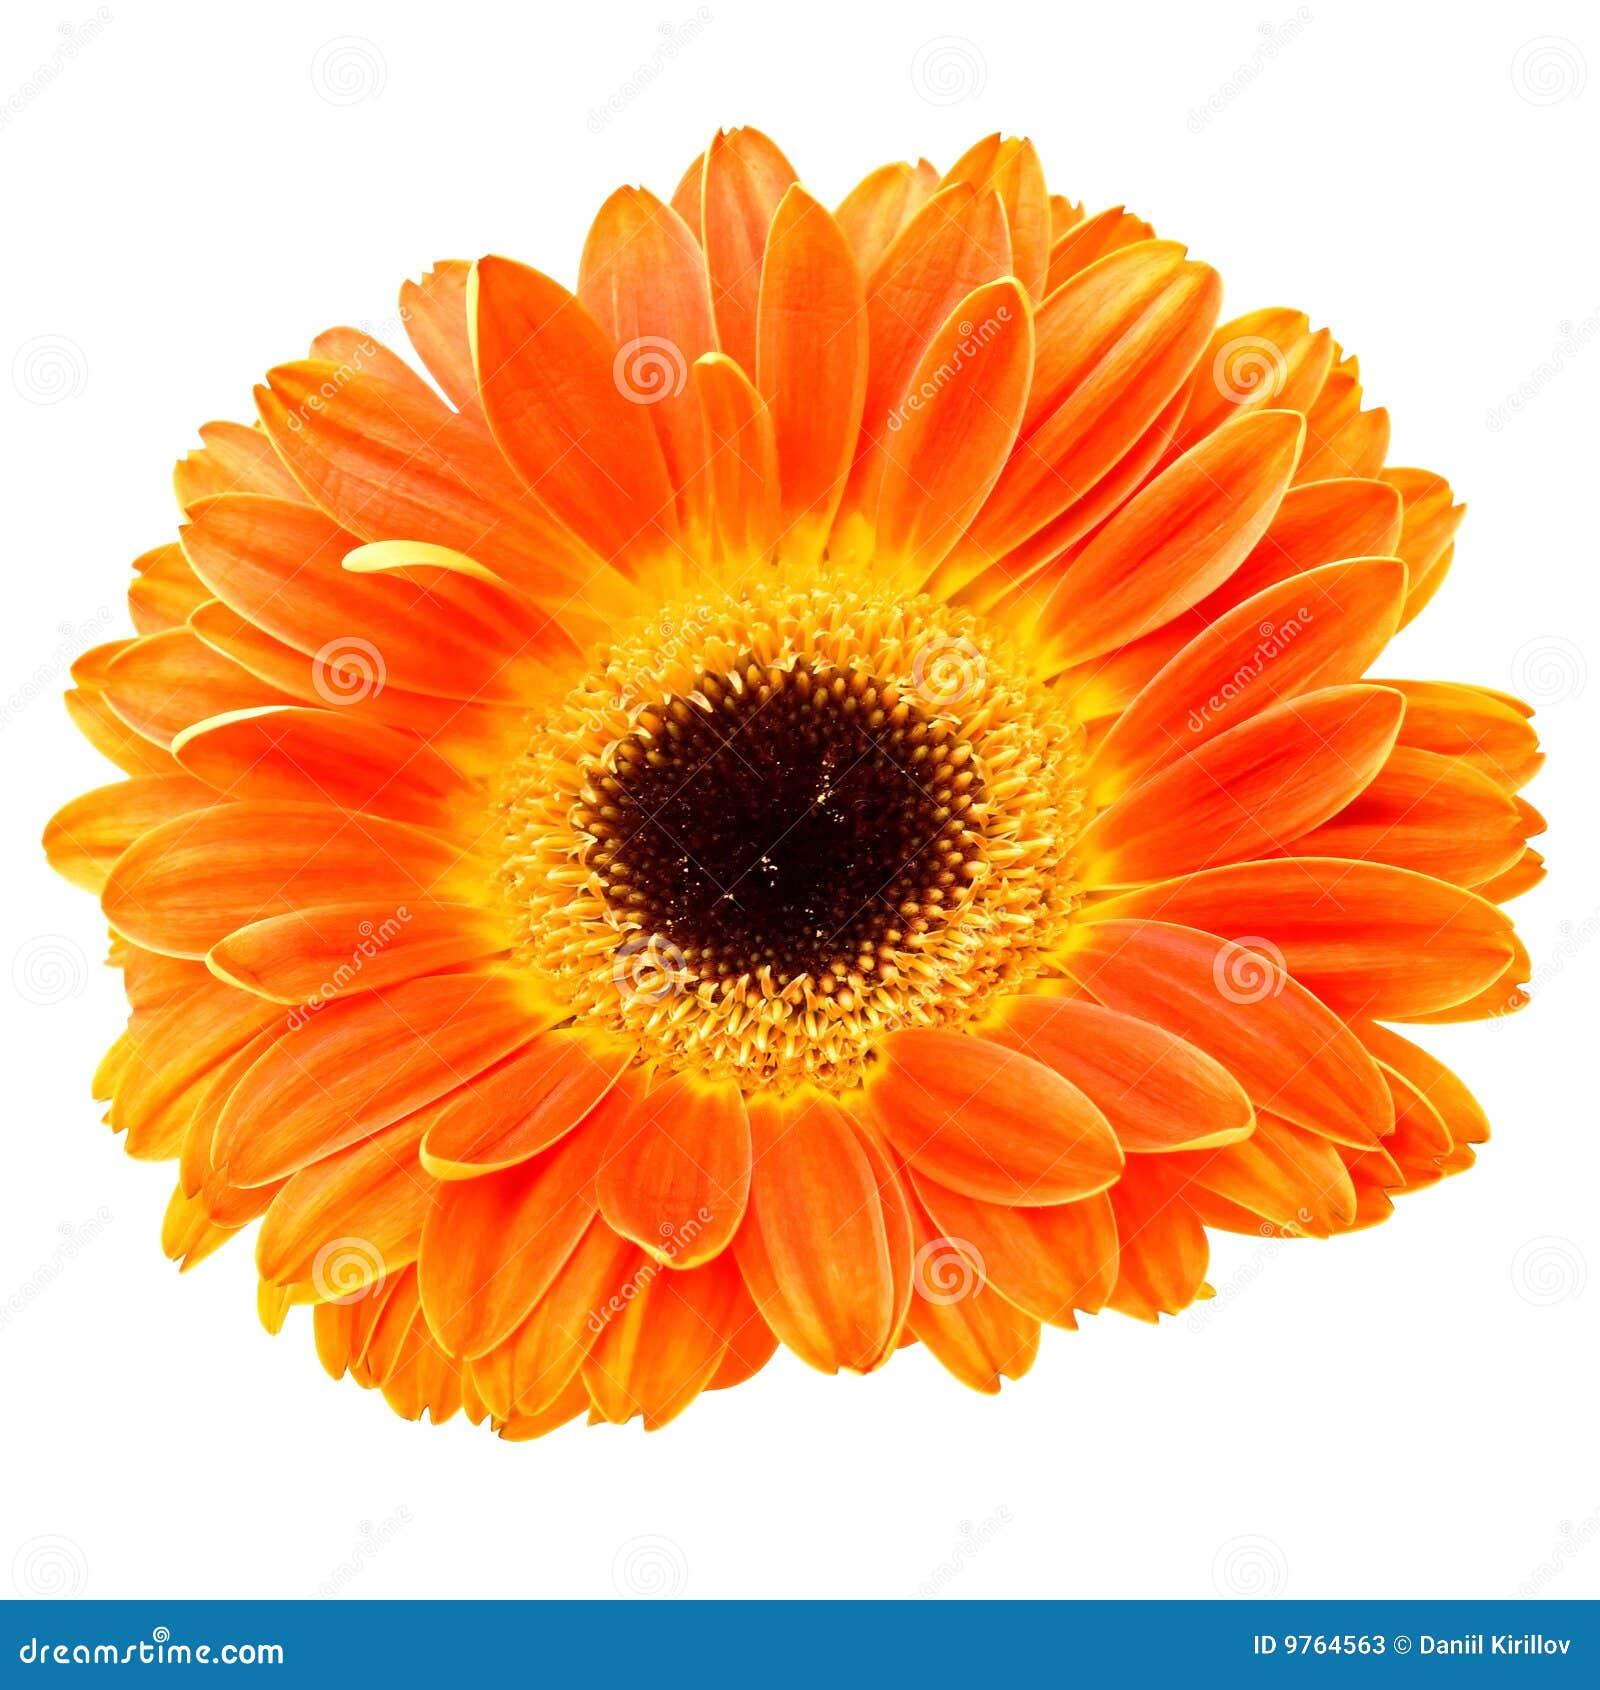 Orange Daisy Flower Isolated On White Stock Image Image Of